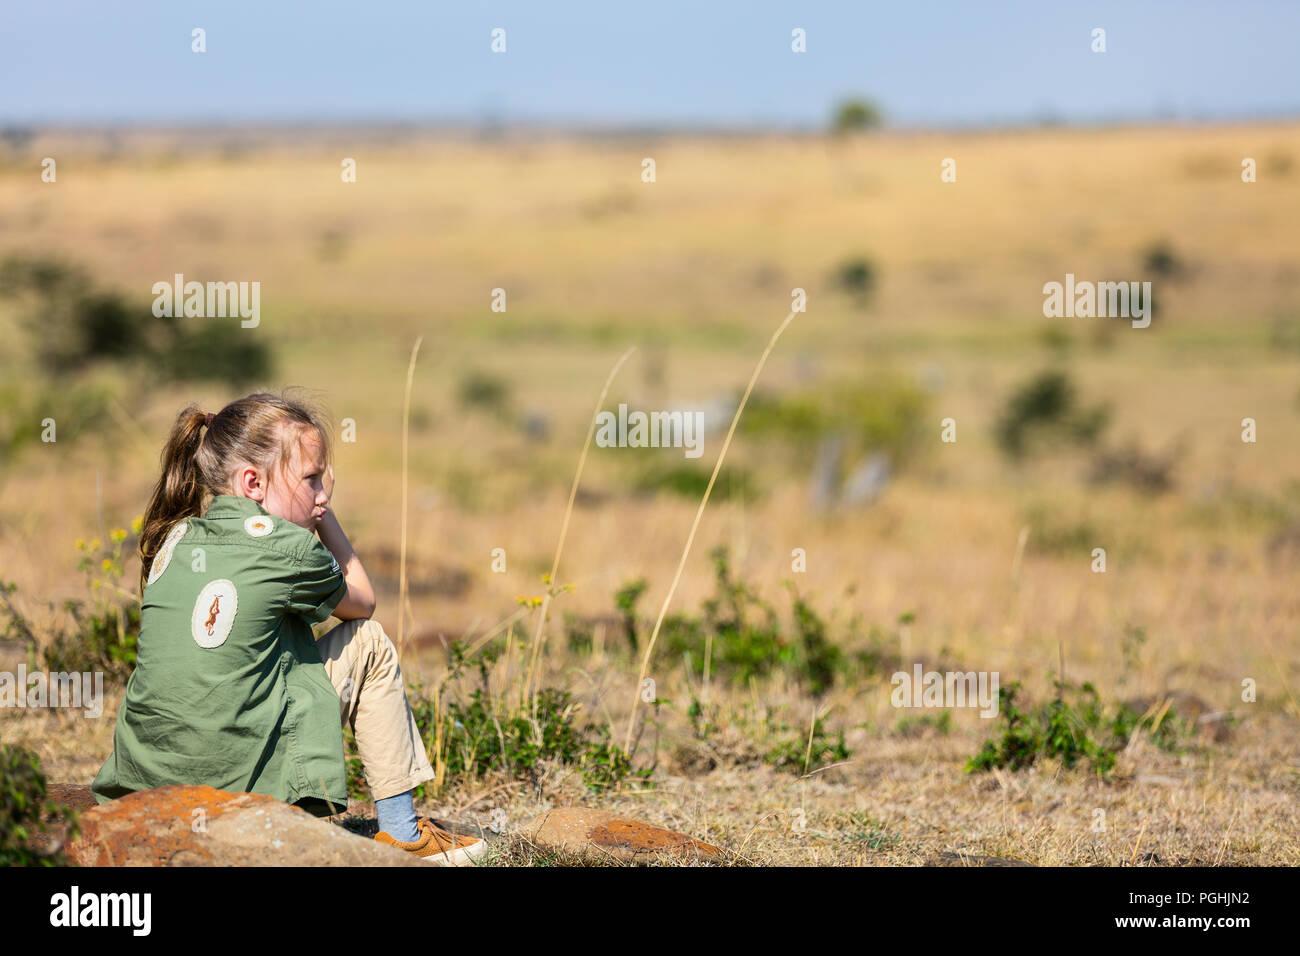 Niña en safari vacaciones disfrutando de la vista de Bush Imagen De Stock